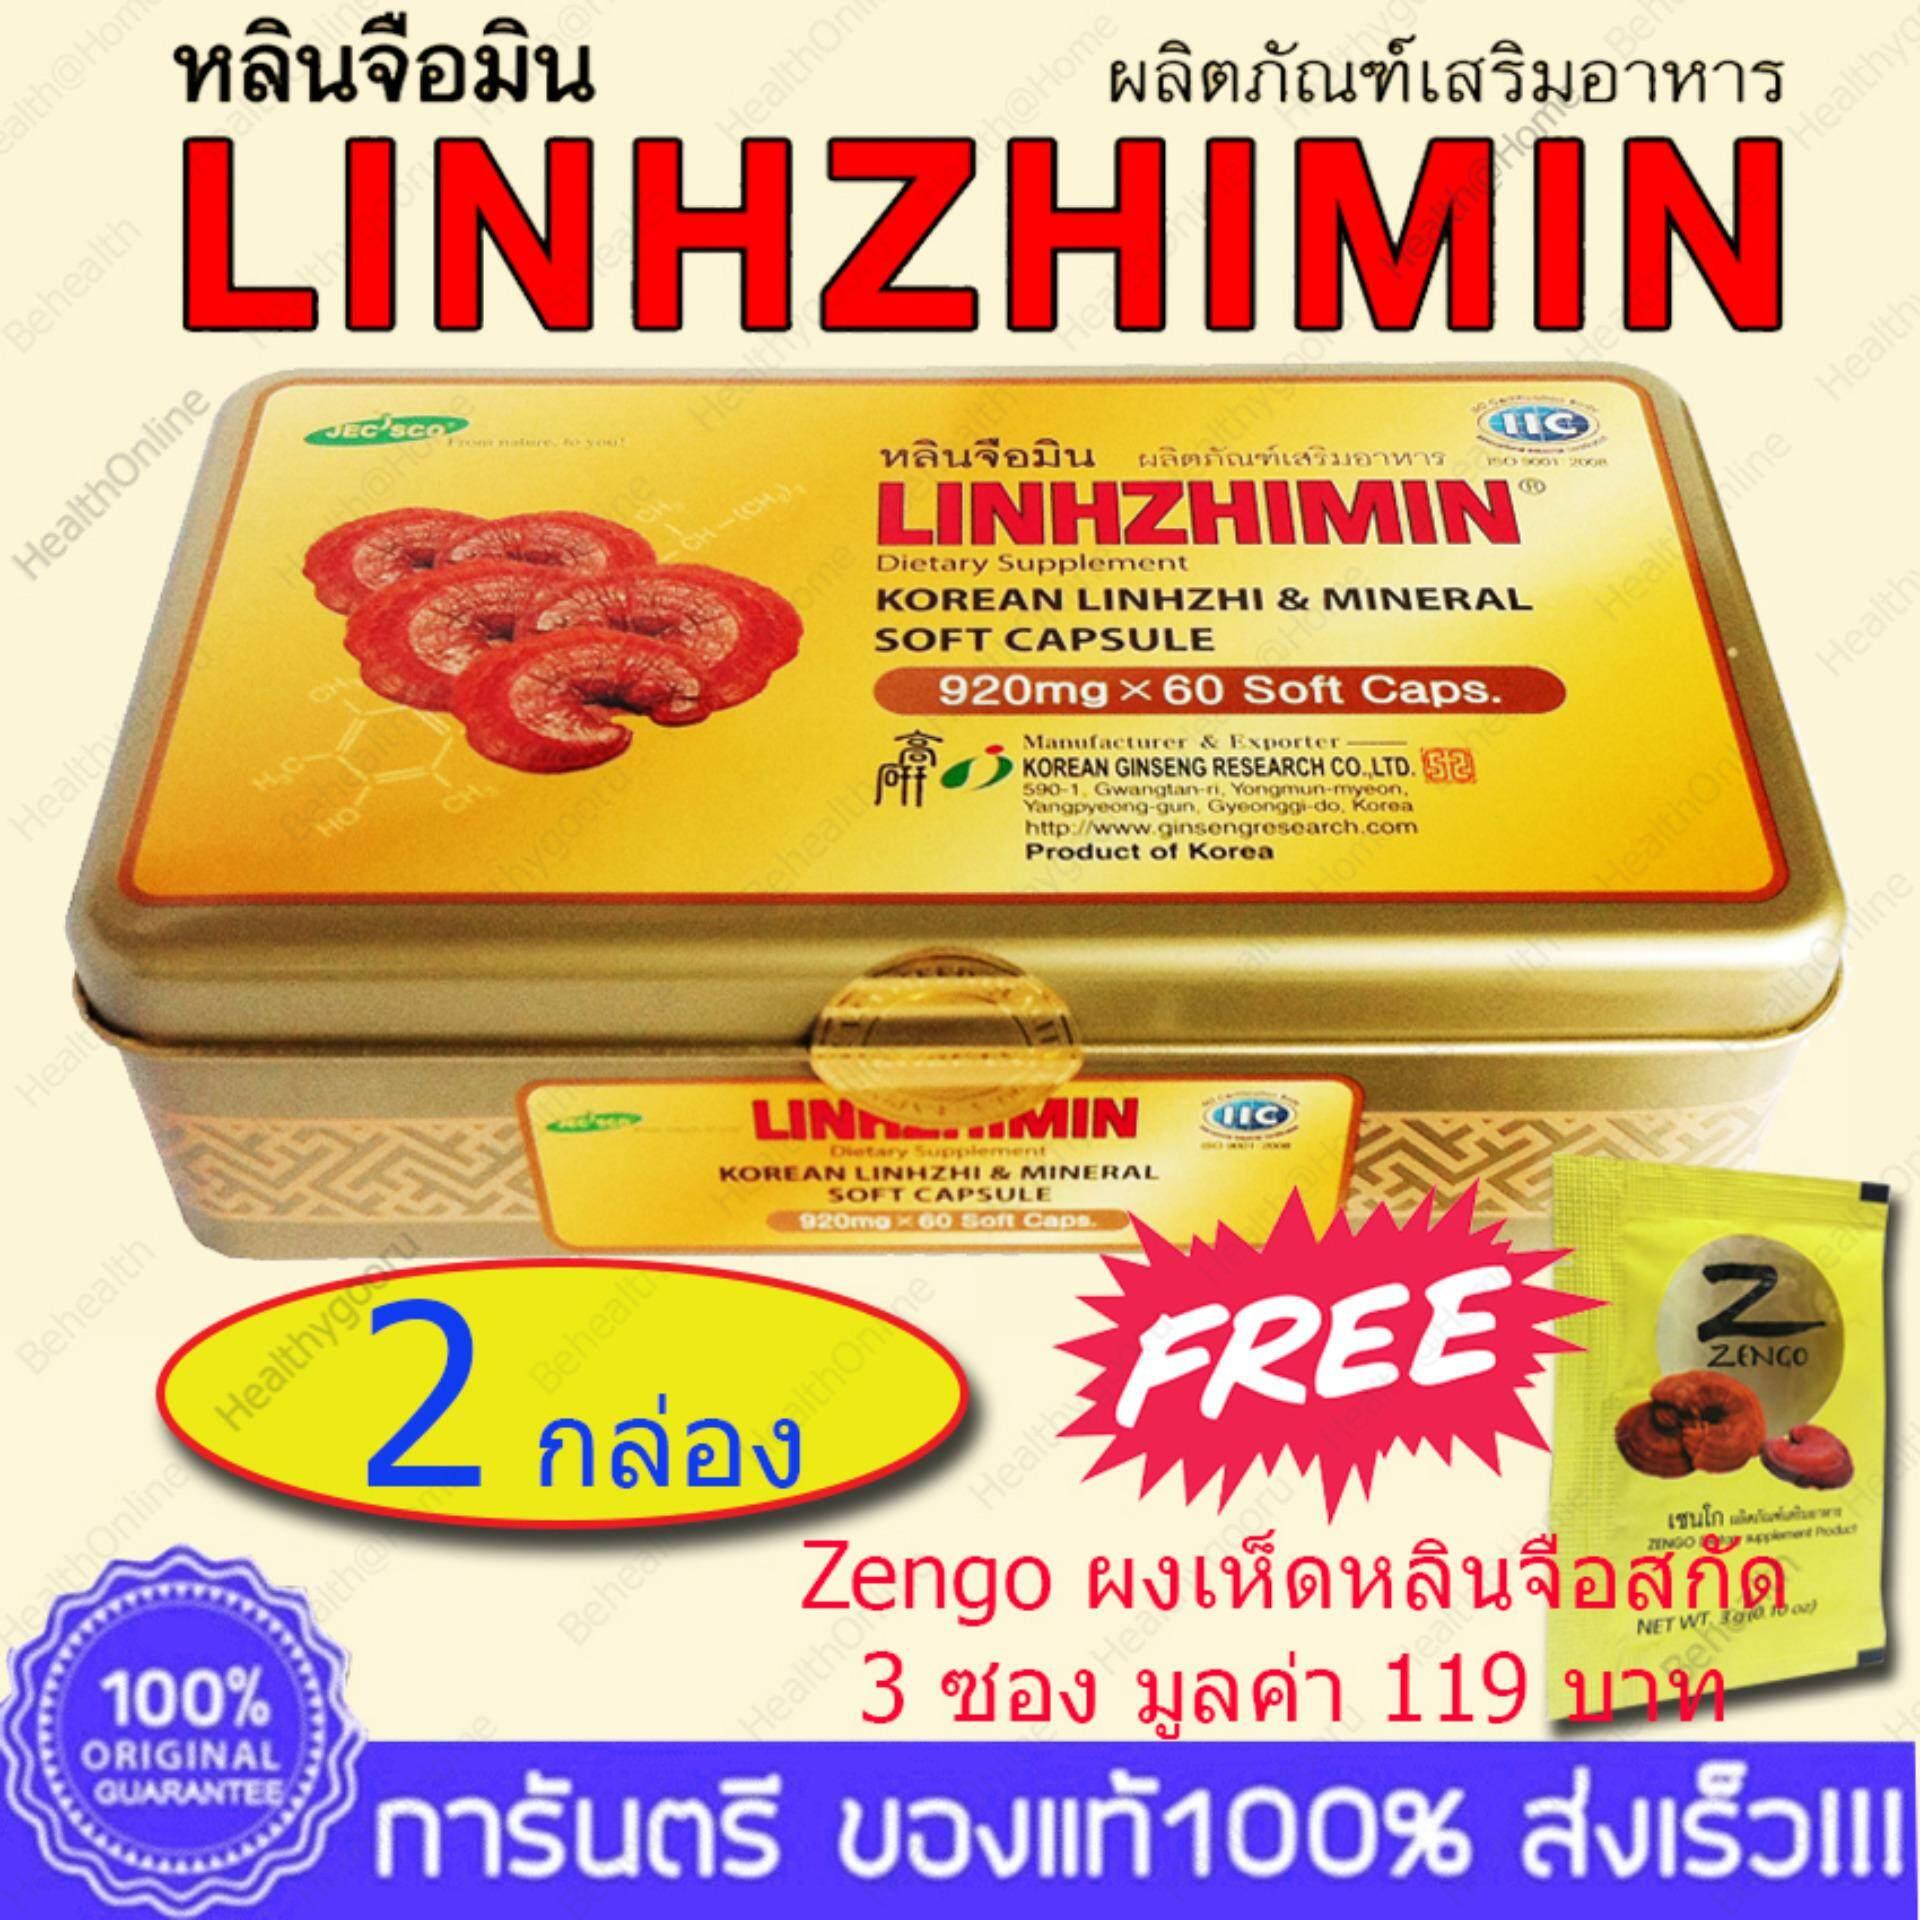 Linhzhimin หลินจือมิน 60 Capsule X 2 Box Free Zengo 3 ซอง มูลค่า 119 บาท ถูก